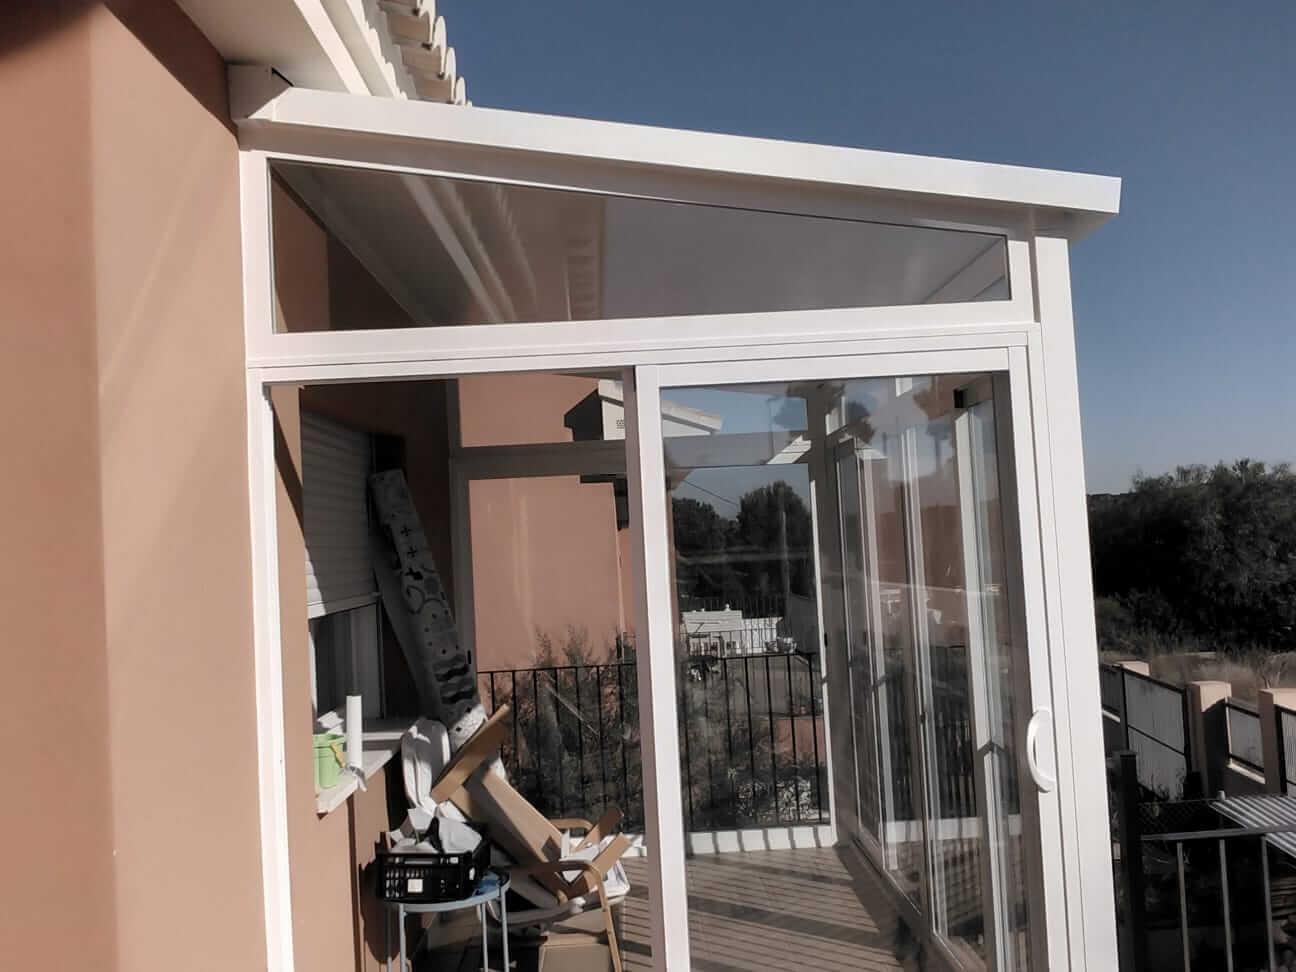 Cerramiento acristalado en balcón exterior casa unifamiliar. Vista desde el exterior de la vivienda